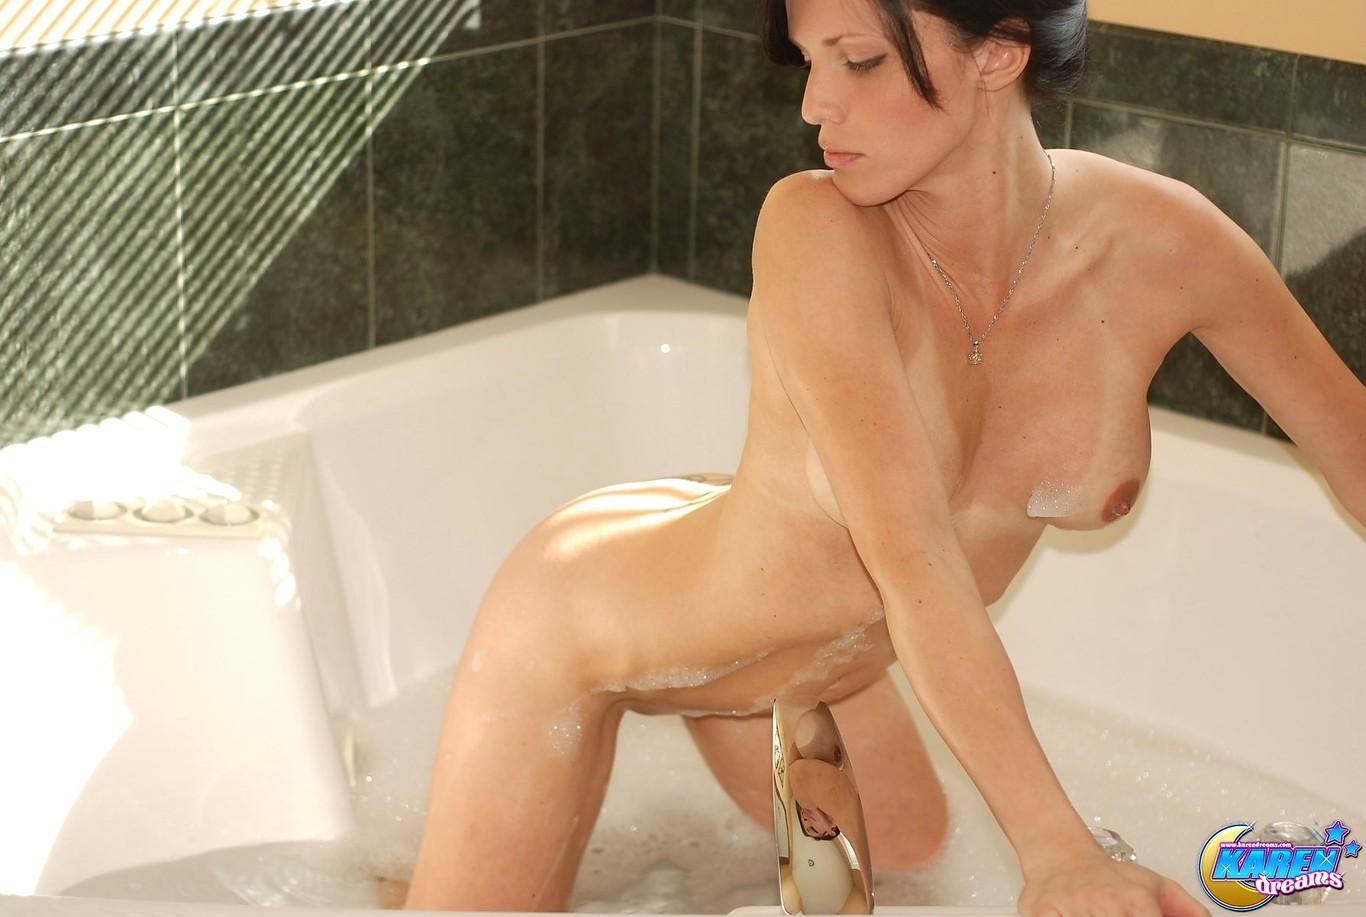 Teen asian girls naked all